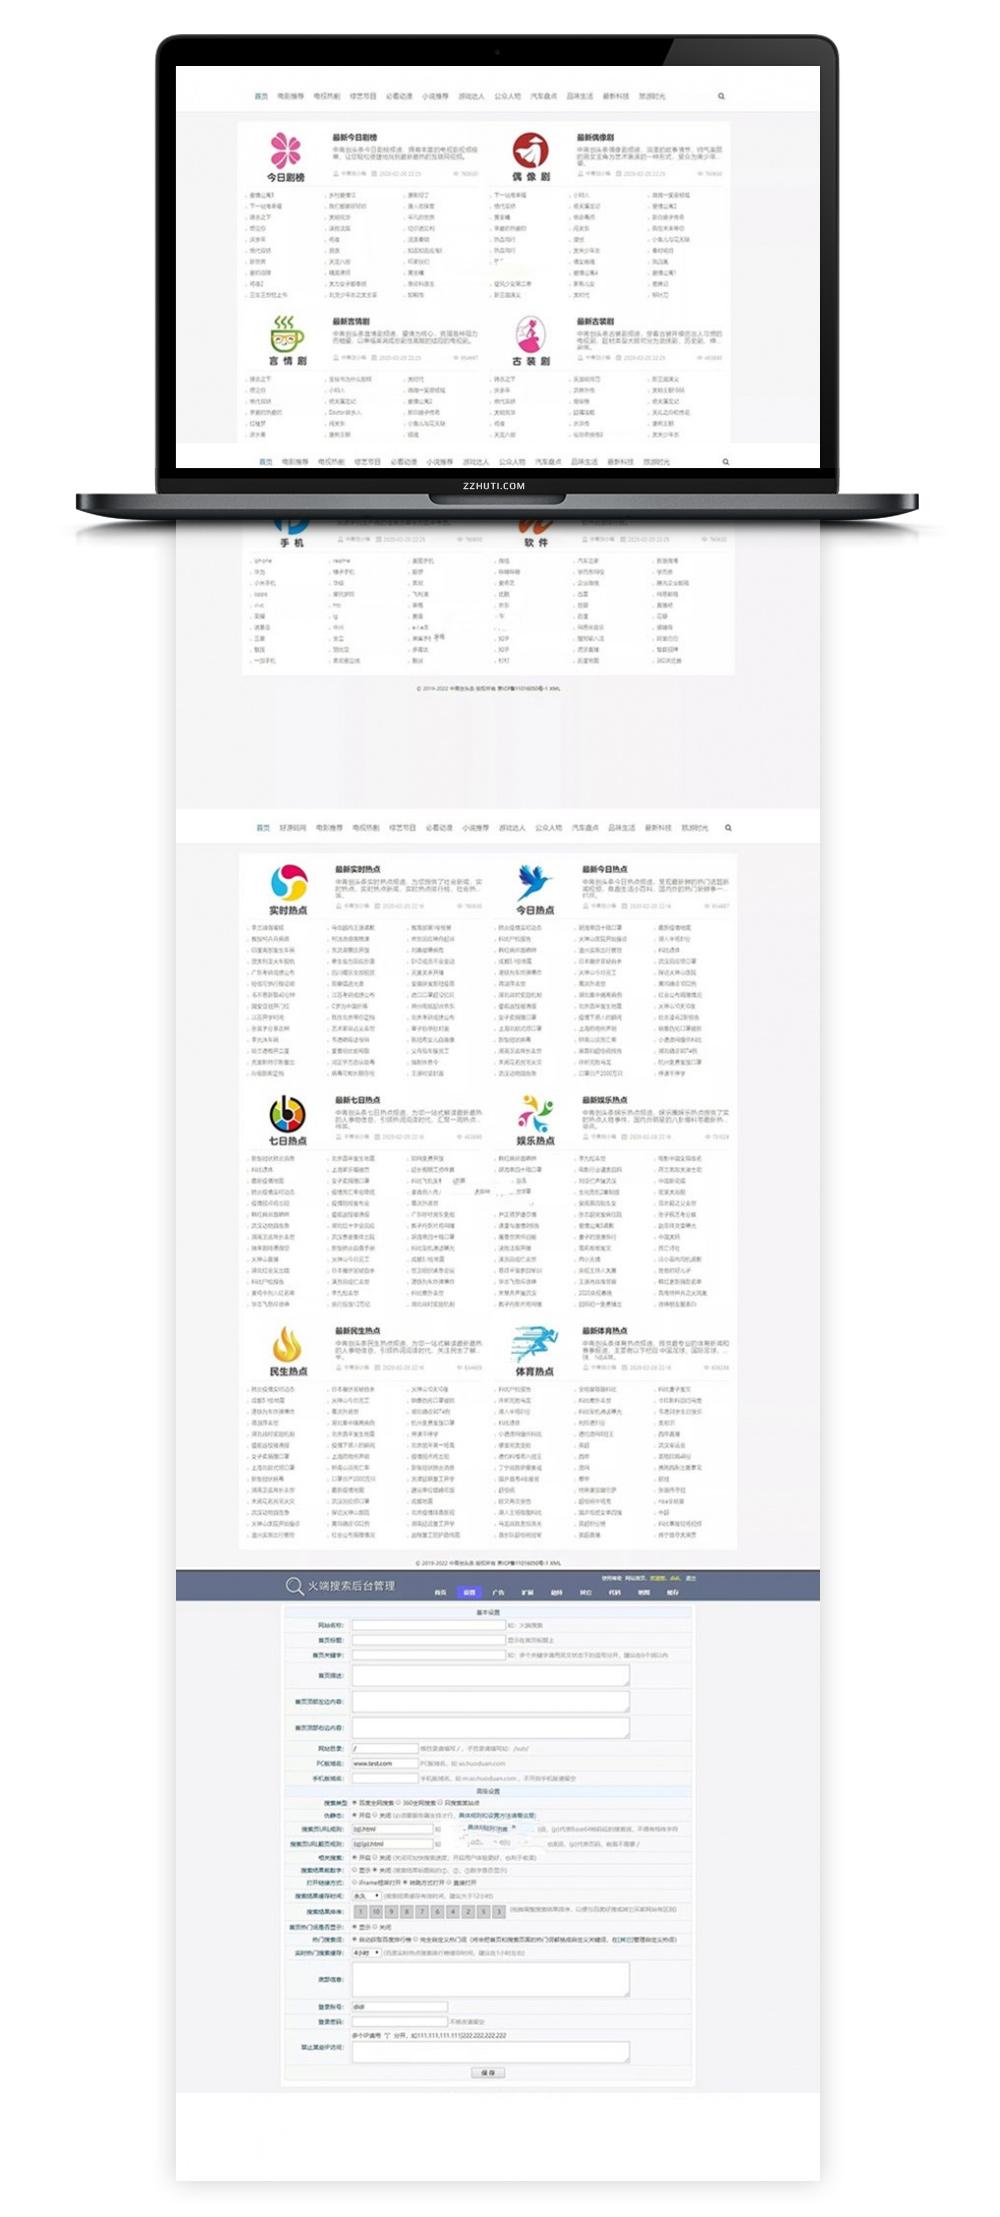 【聚合搜索站群系统】2020最新聚合搜索V5.0泛目录站 群管理系统源码带安装教程-找主题源码